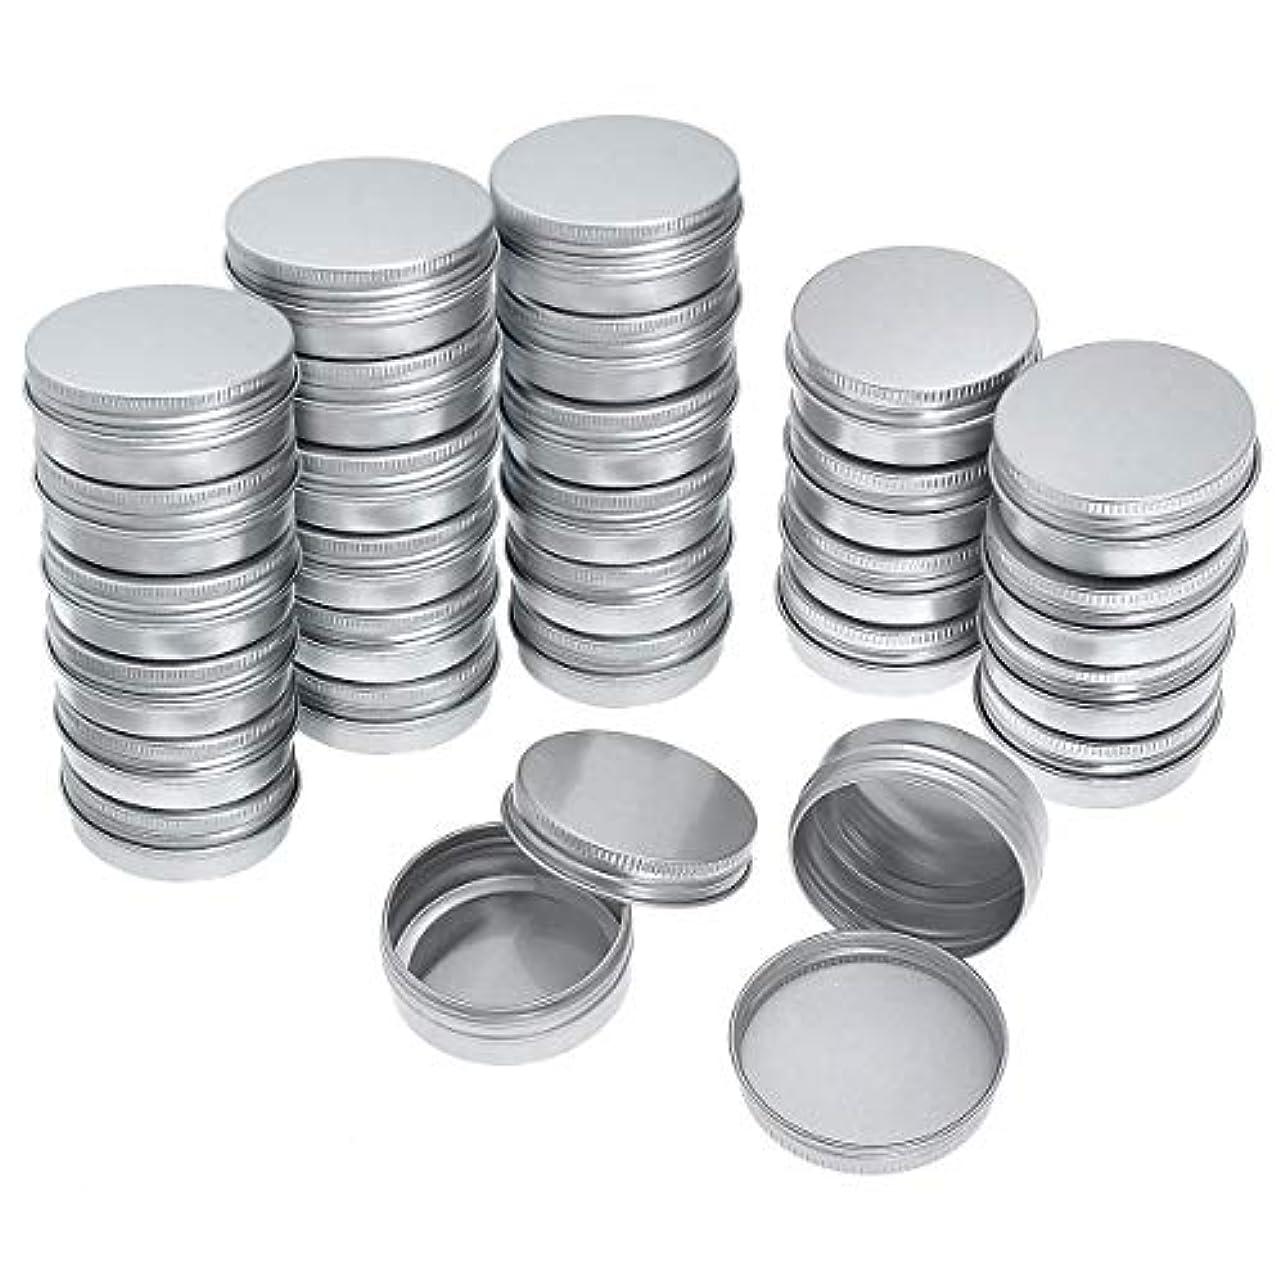 ティッシュ透明にハリケーンRETYLY 40パック ネジトップ ラウンド アルミ缶 - アルミネジふた ラウンド錫コンテナボトル